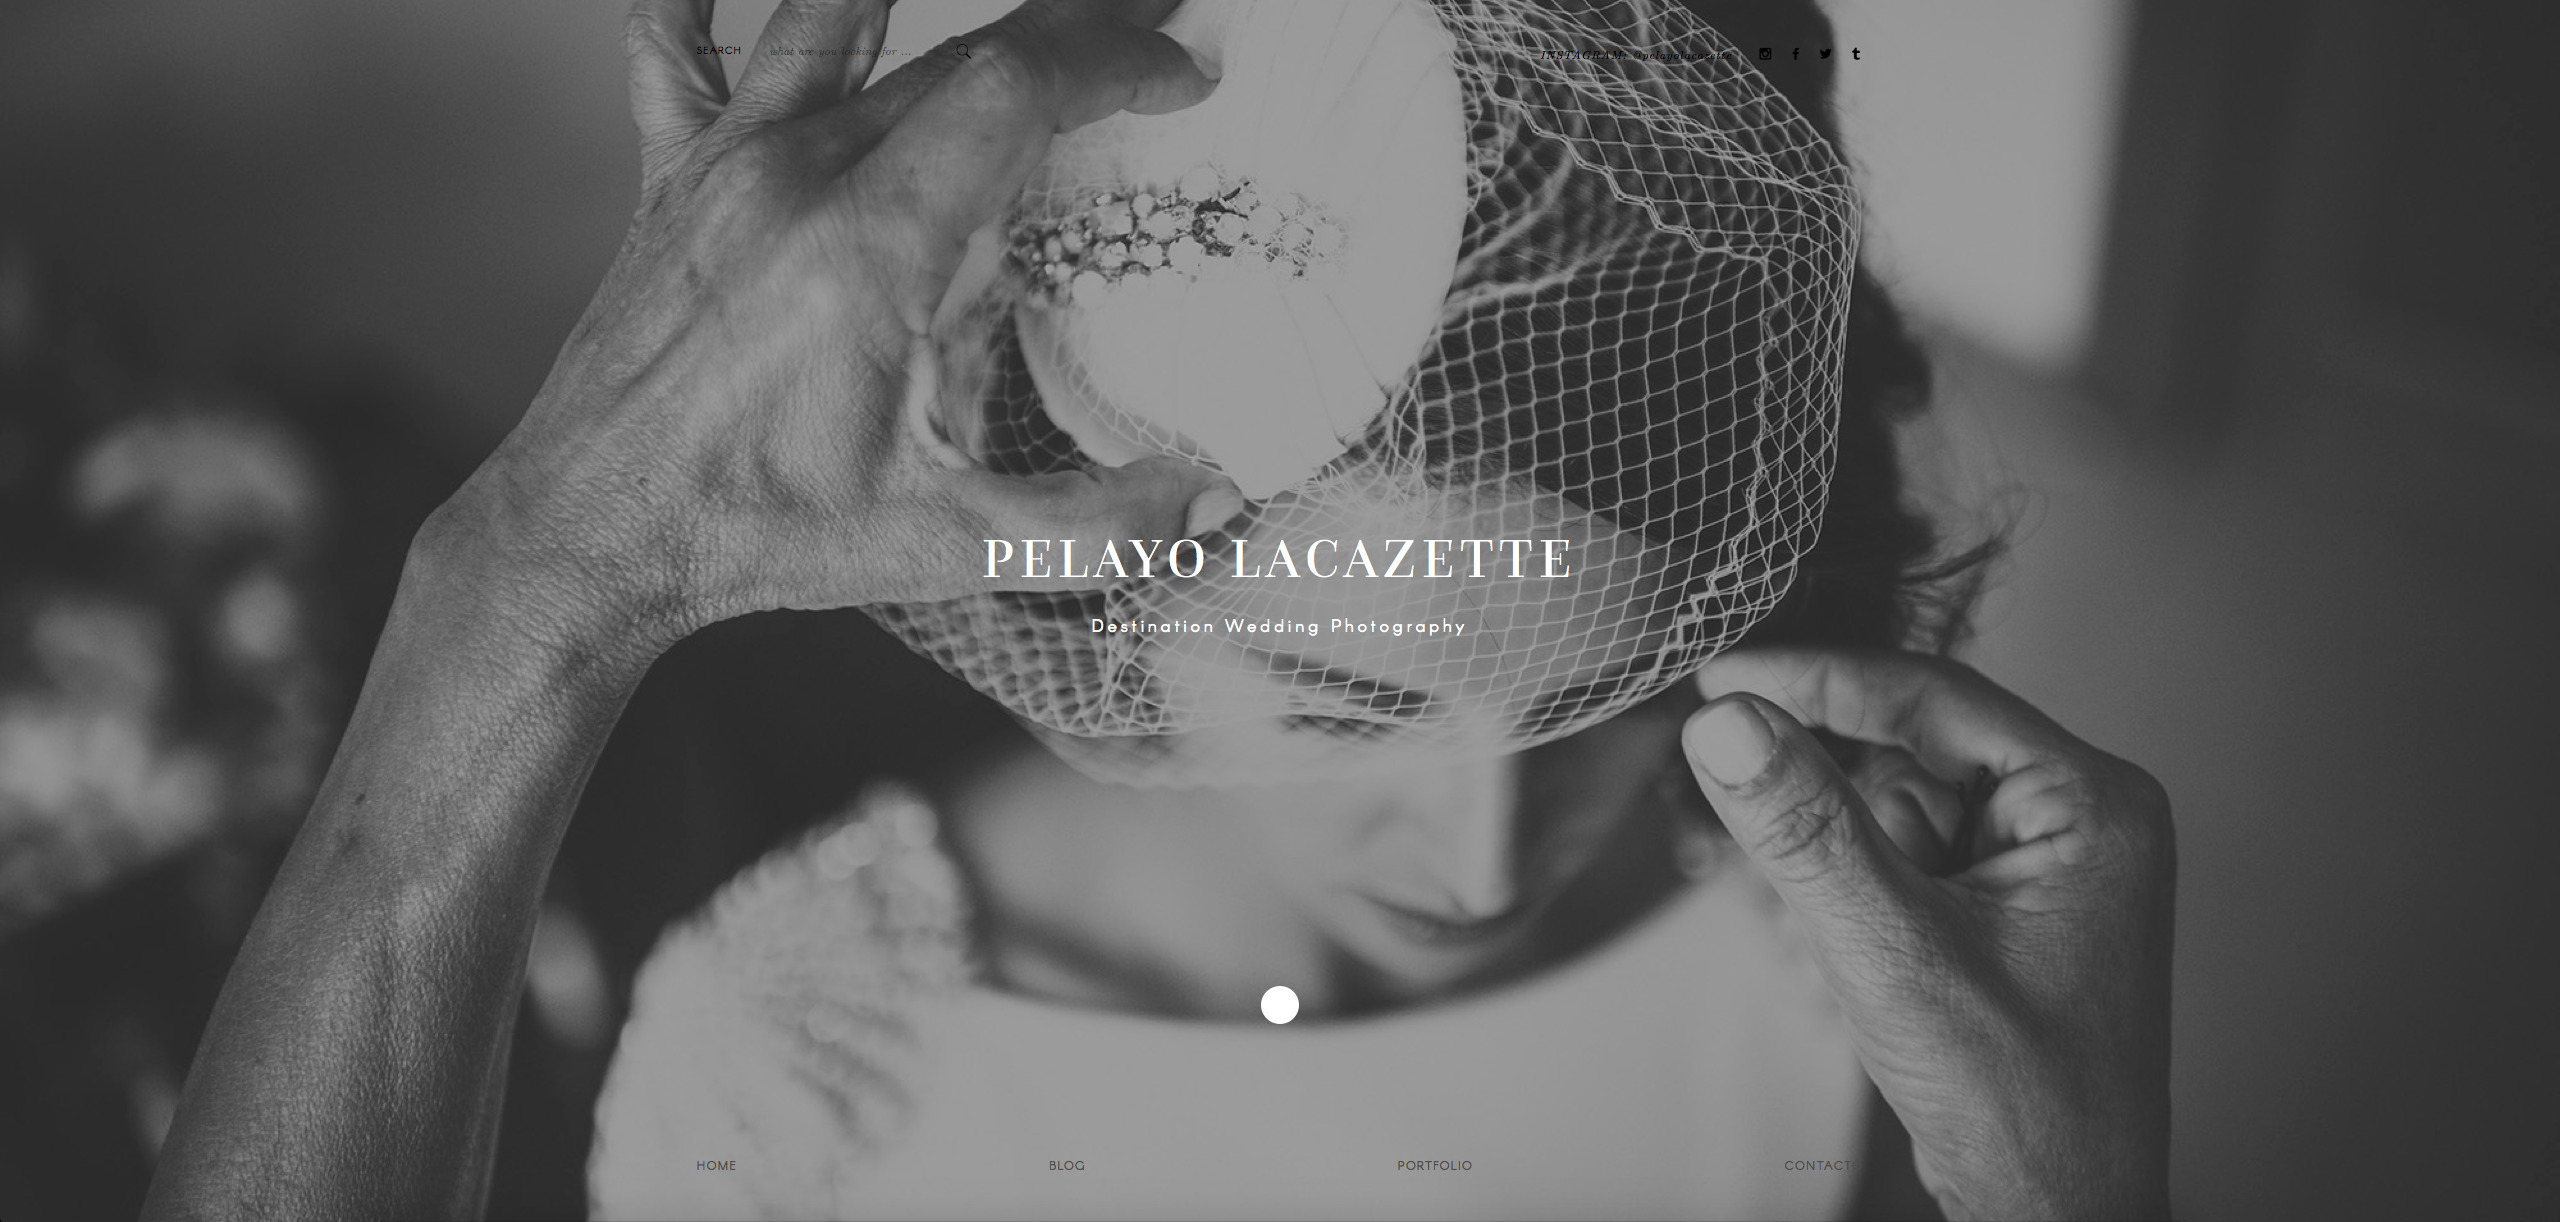 PelayoLacazette (@pelayolacazette) Cover Image